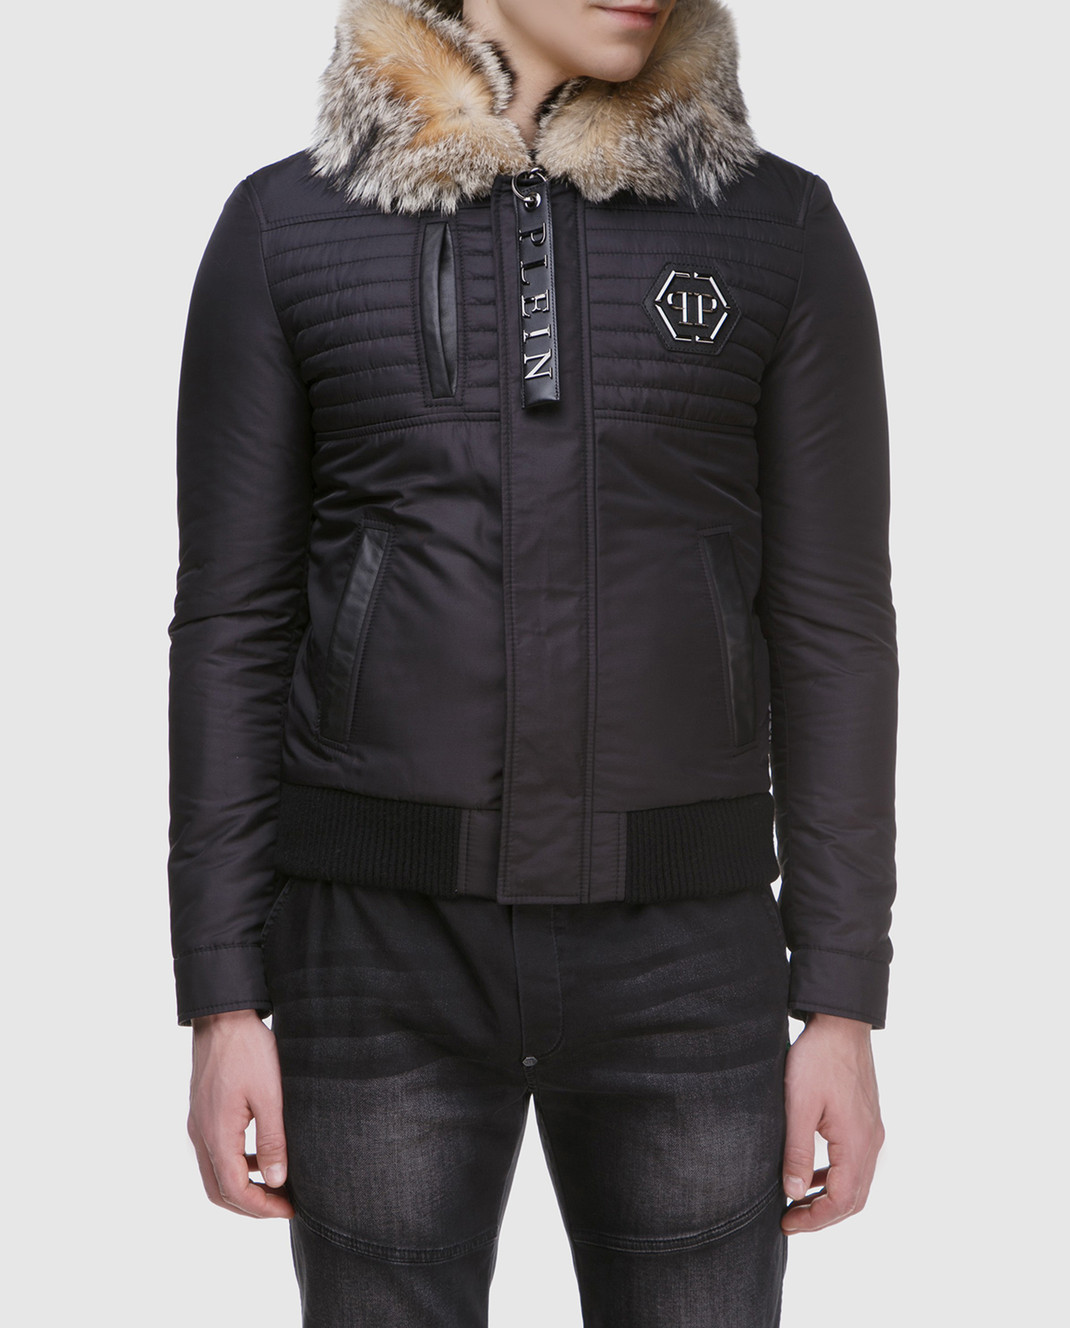 Philipp Plein Черная куртка MRB0340 изображение 3